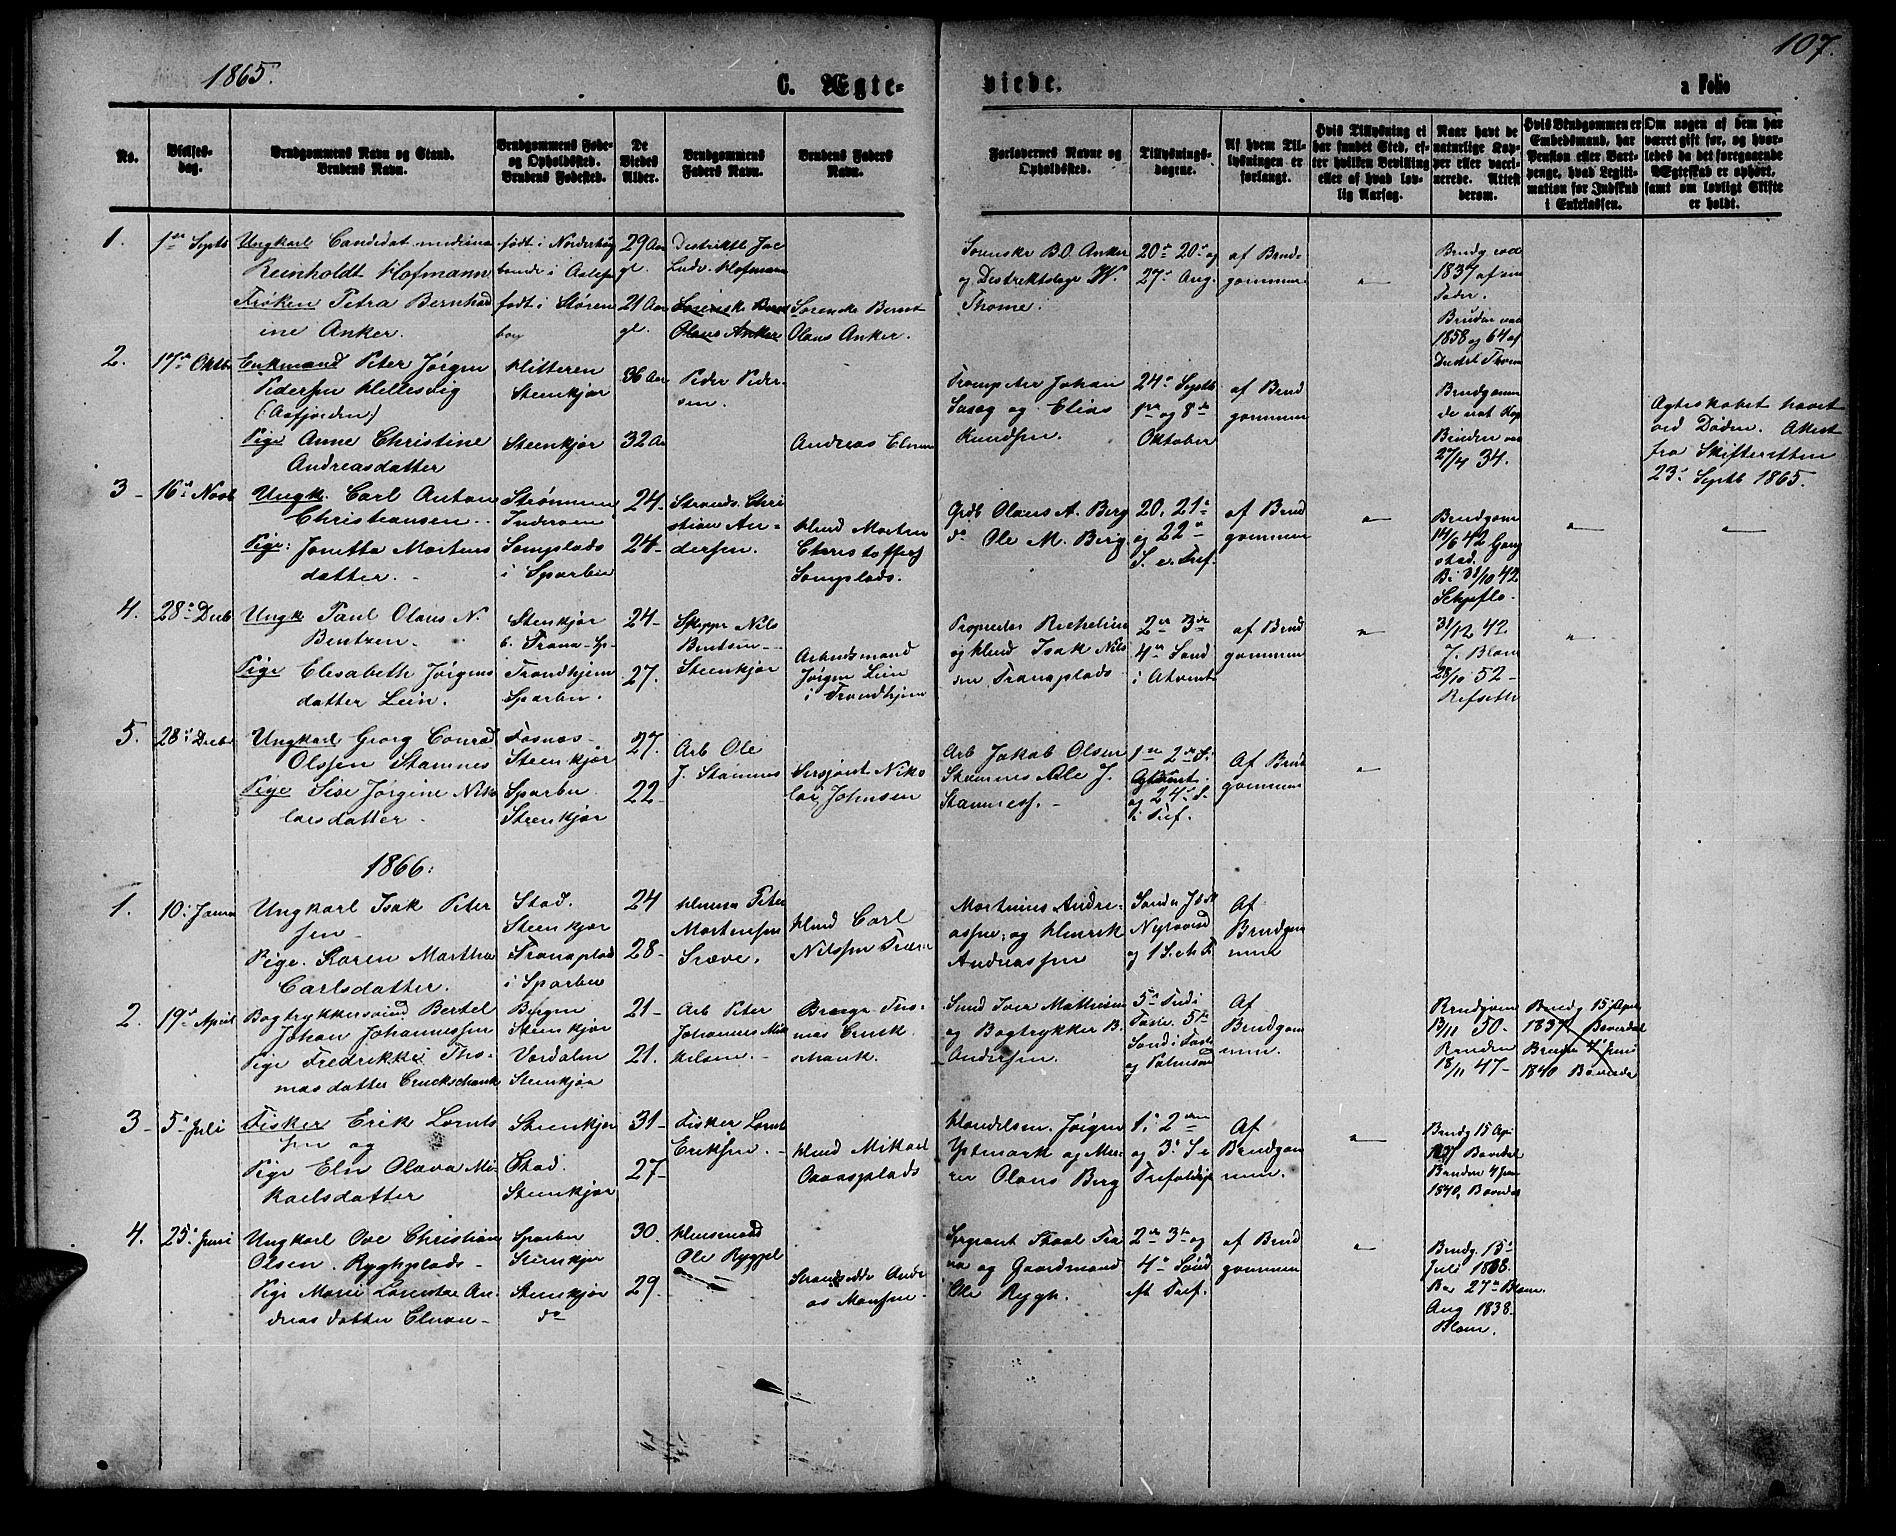 SAT, Ministerialprotokoller, klokkerbøker og fødselsregistre - Nord-Trøndelag, 739/L0373: Klokkerbok nr. 739C01, 1865-1882, s. 107